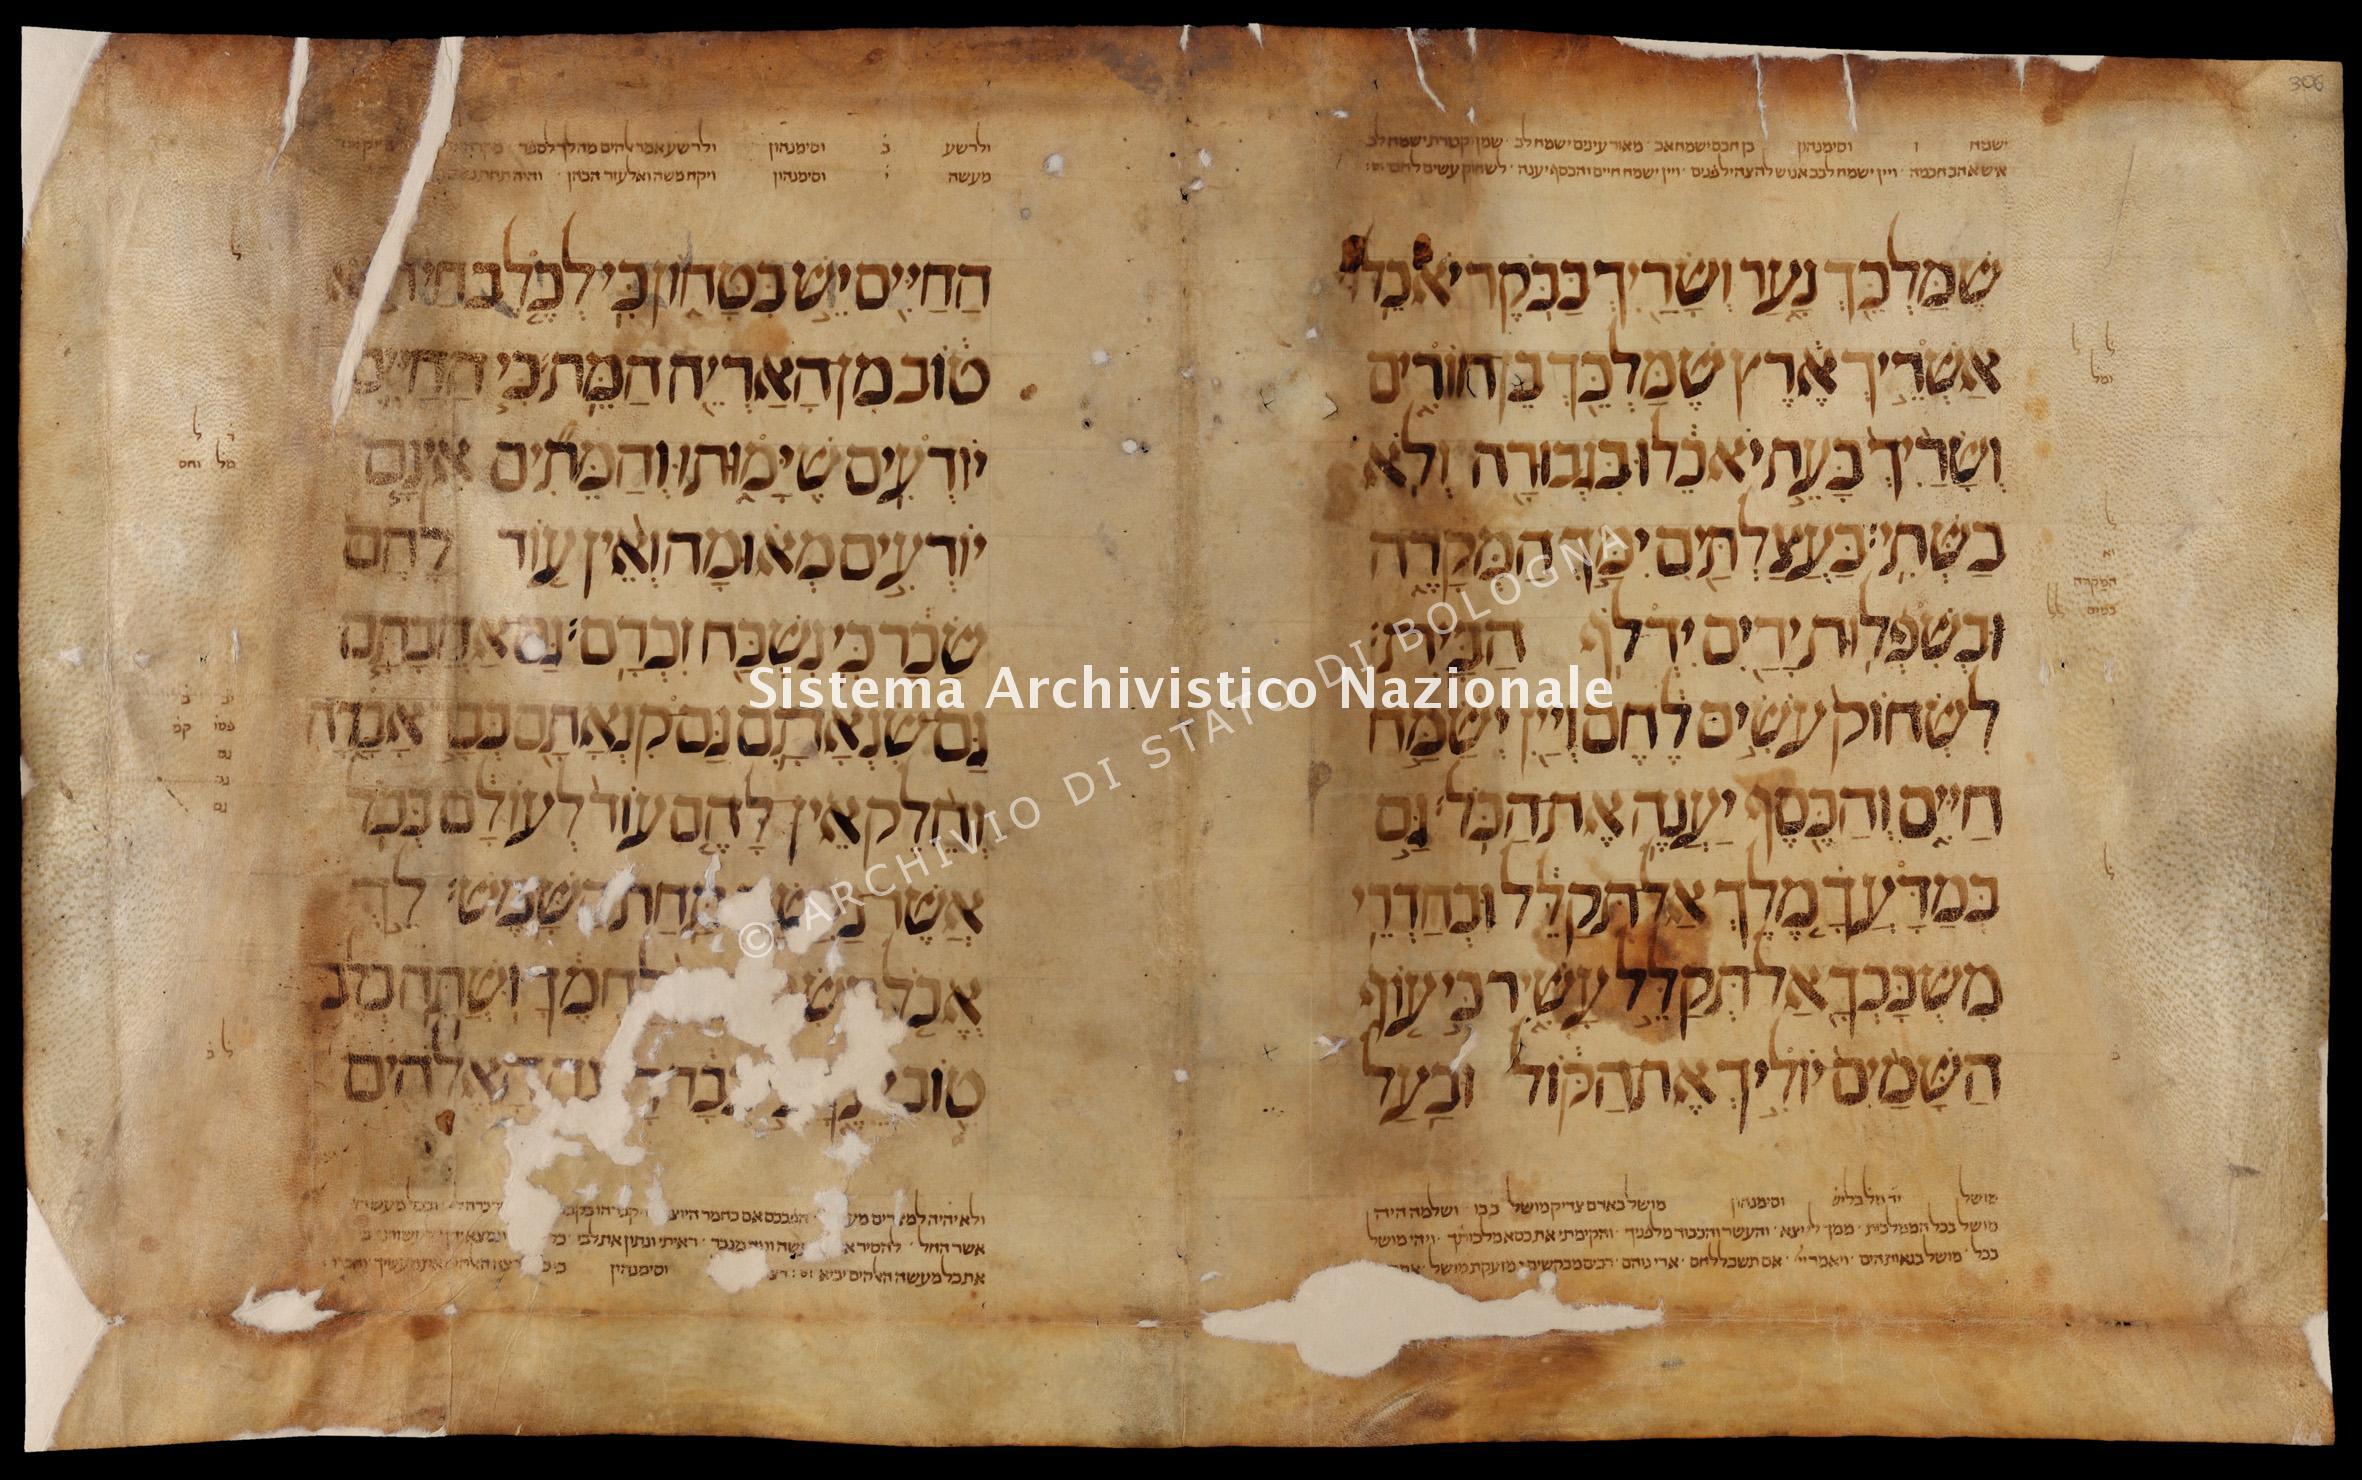 B.10.005, Archivio di Stato di Bologna, Frammenti di manoscritti, Frammenti di manoscritti ebraici, Frammento n. 306, recto